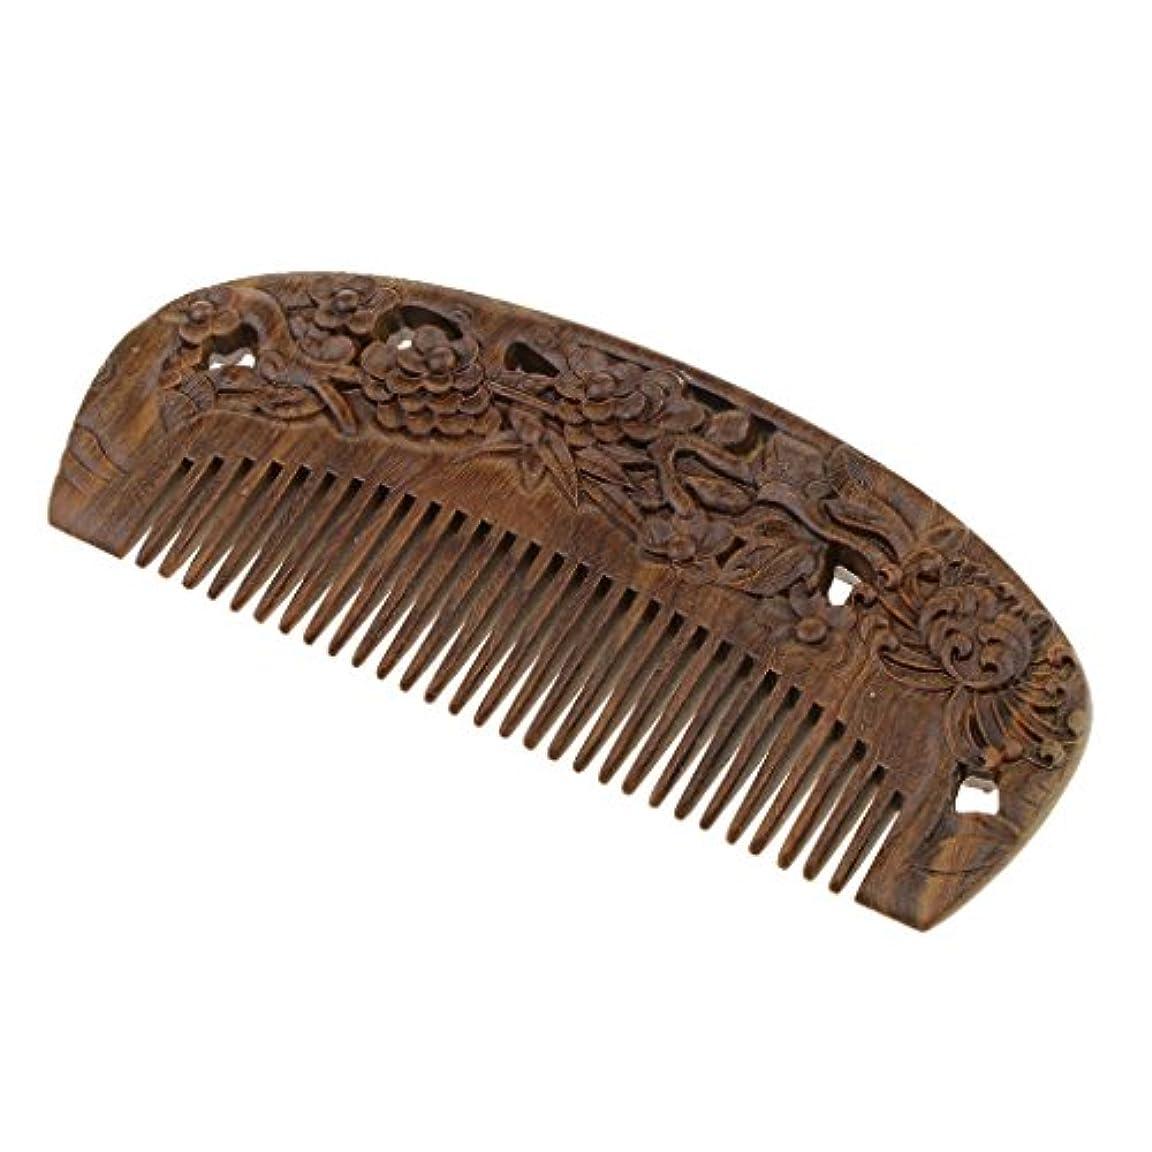 オーバーラン初期カセットFenteer 木製櫛 頭皮マッサージ 櫛 ワイド歯 ヘアコーム ヘアブラシ ヘアスタイリング 高品質 2タイプ選べる - #2